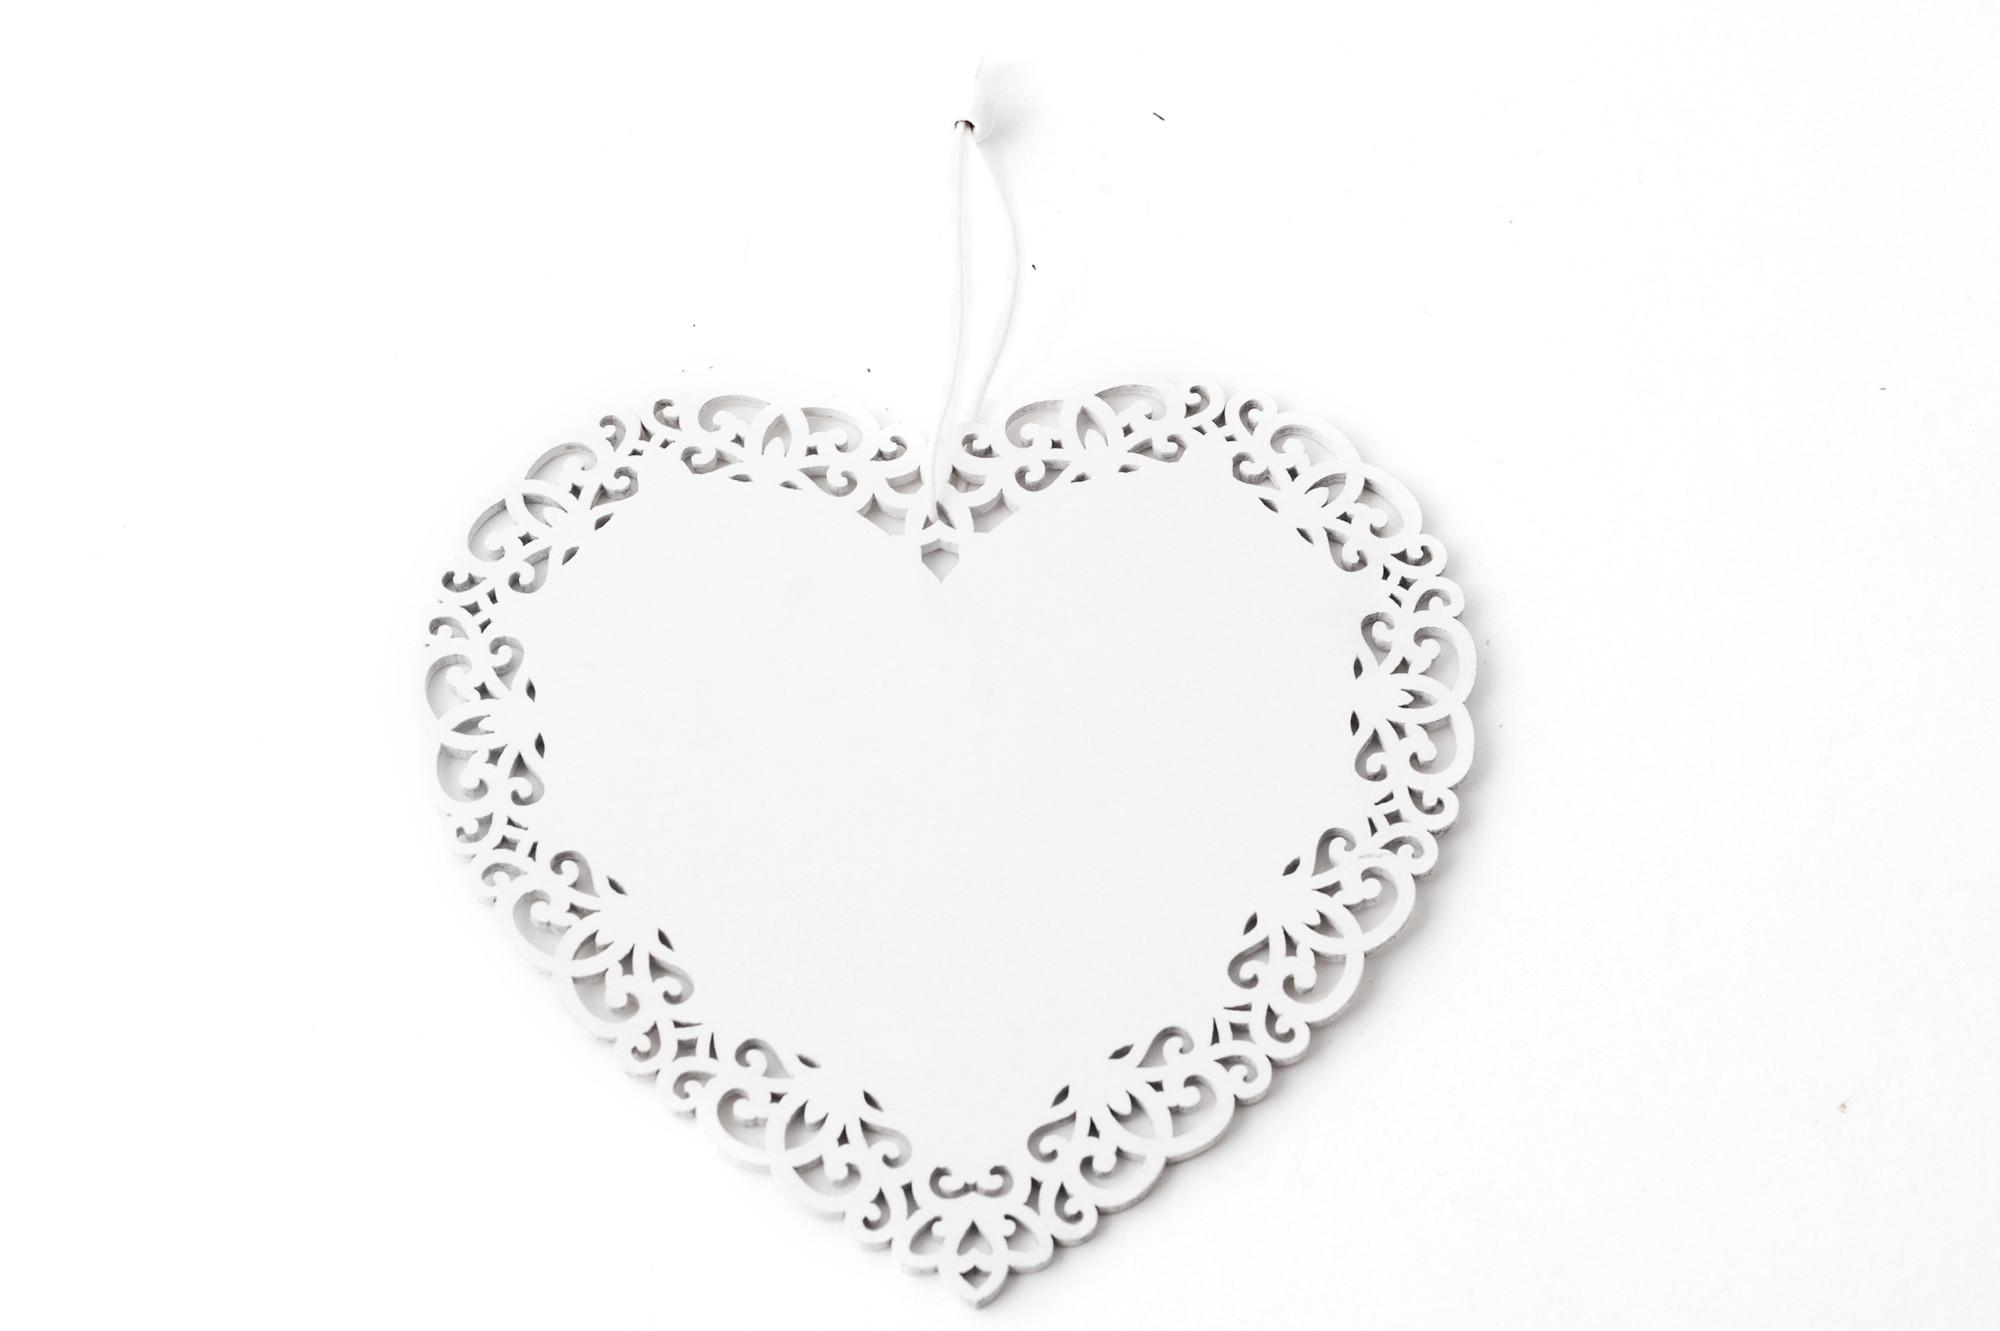 Srdce 15 cm, závěs